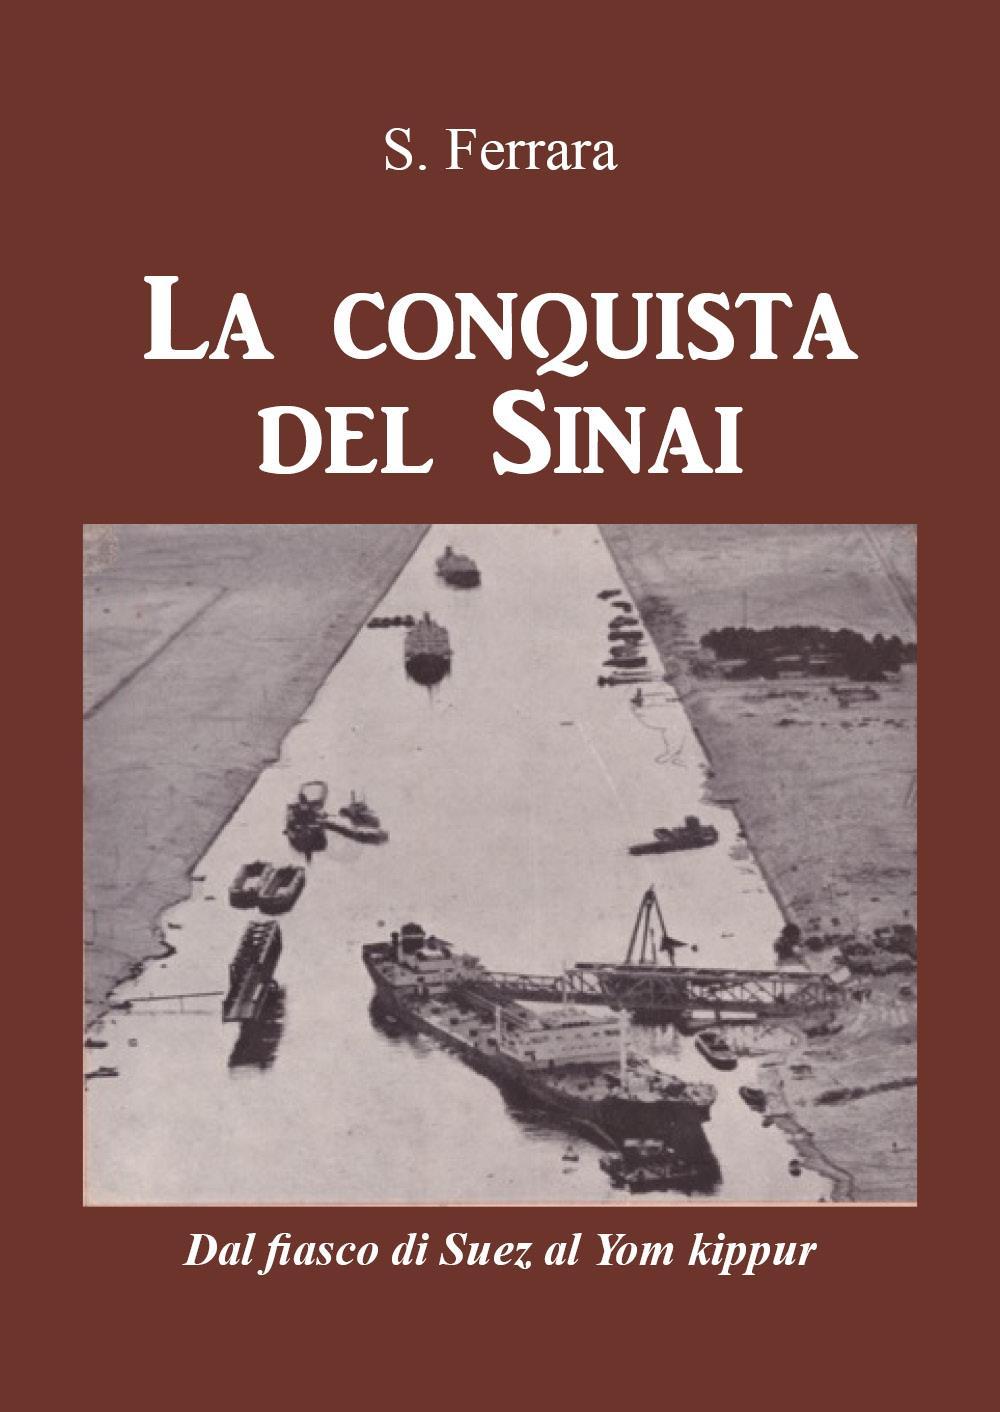 La conquista del Sinai. Dal fiasco di Suez al Yom Kippur